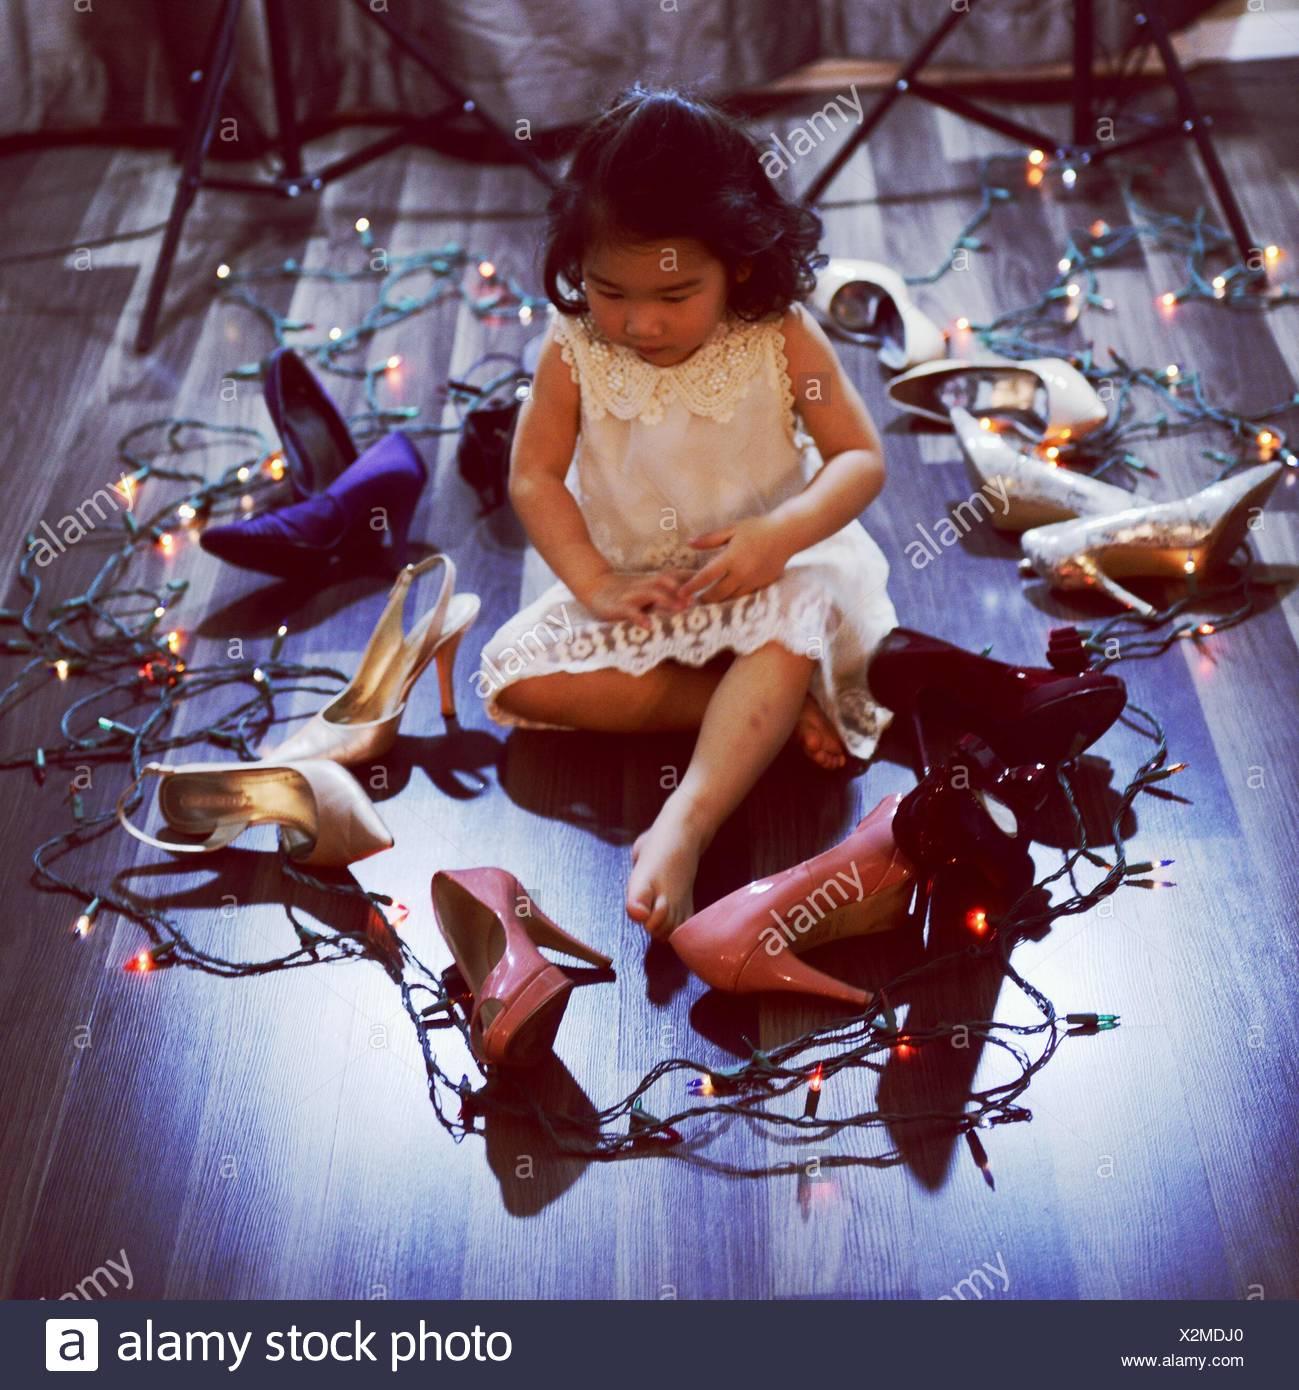 Chica sentada en medio de los tacones altos y las luces de Navidad en piso de madera Imagen De Stock